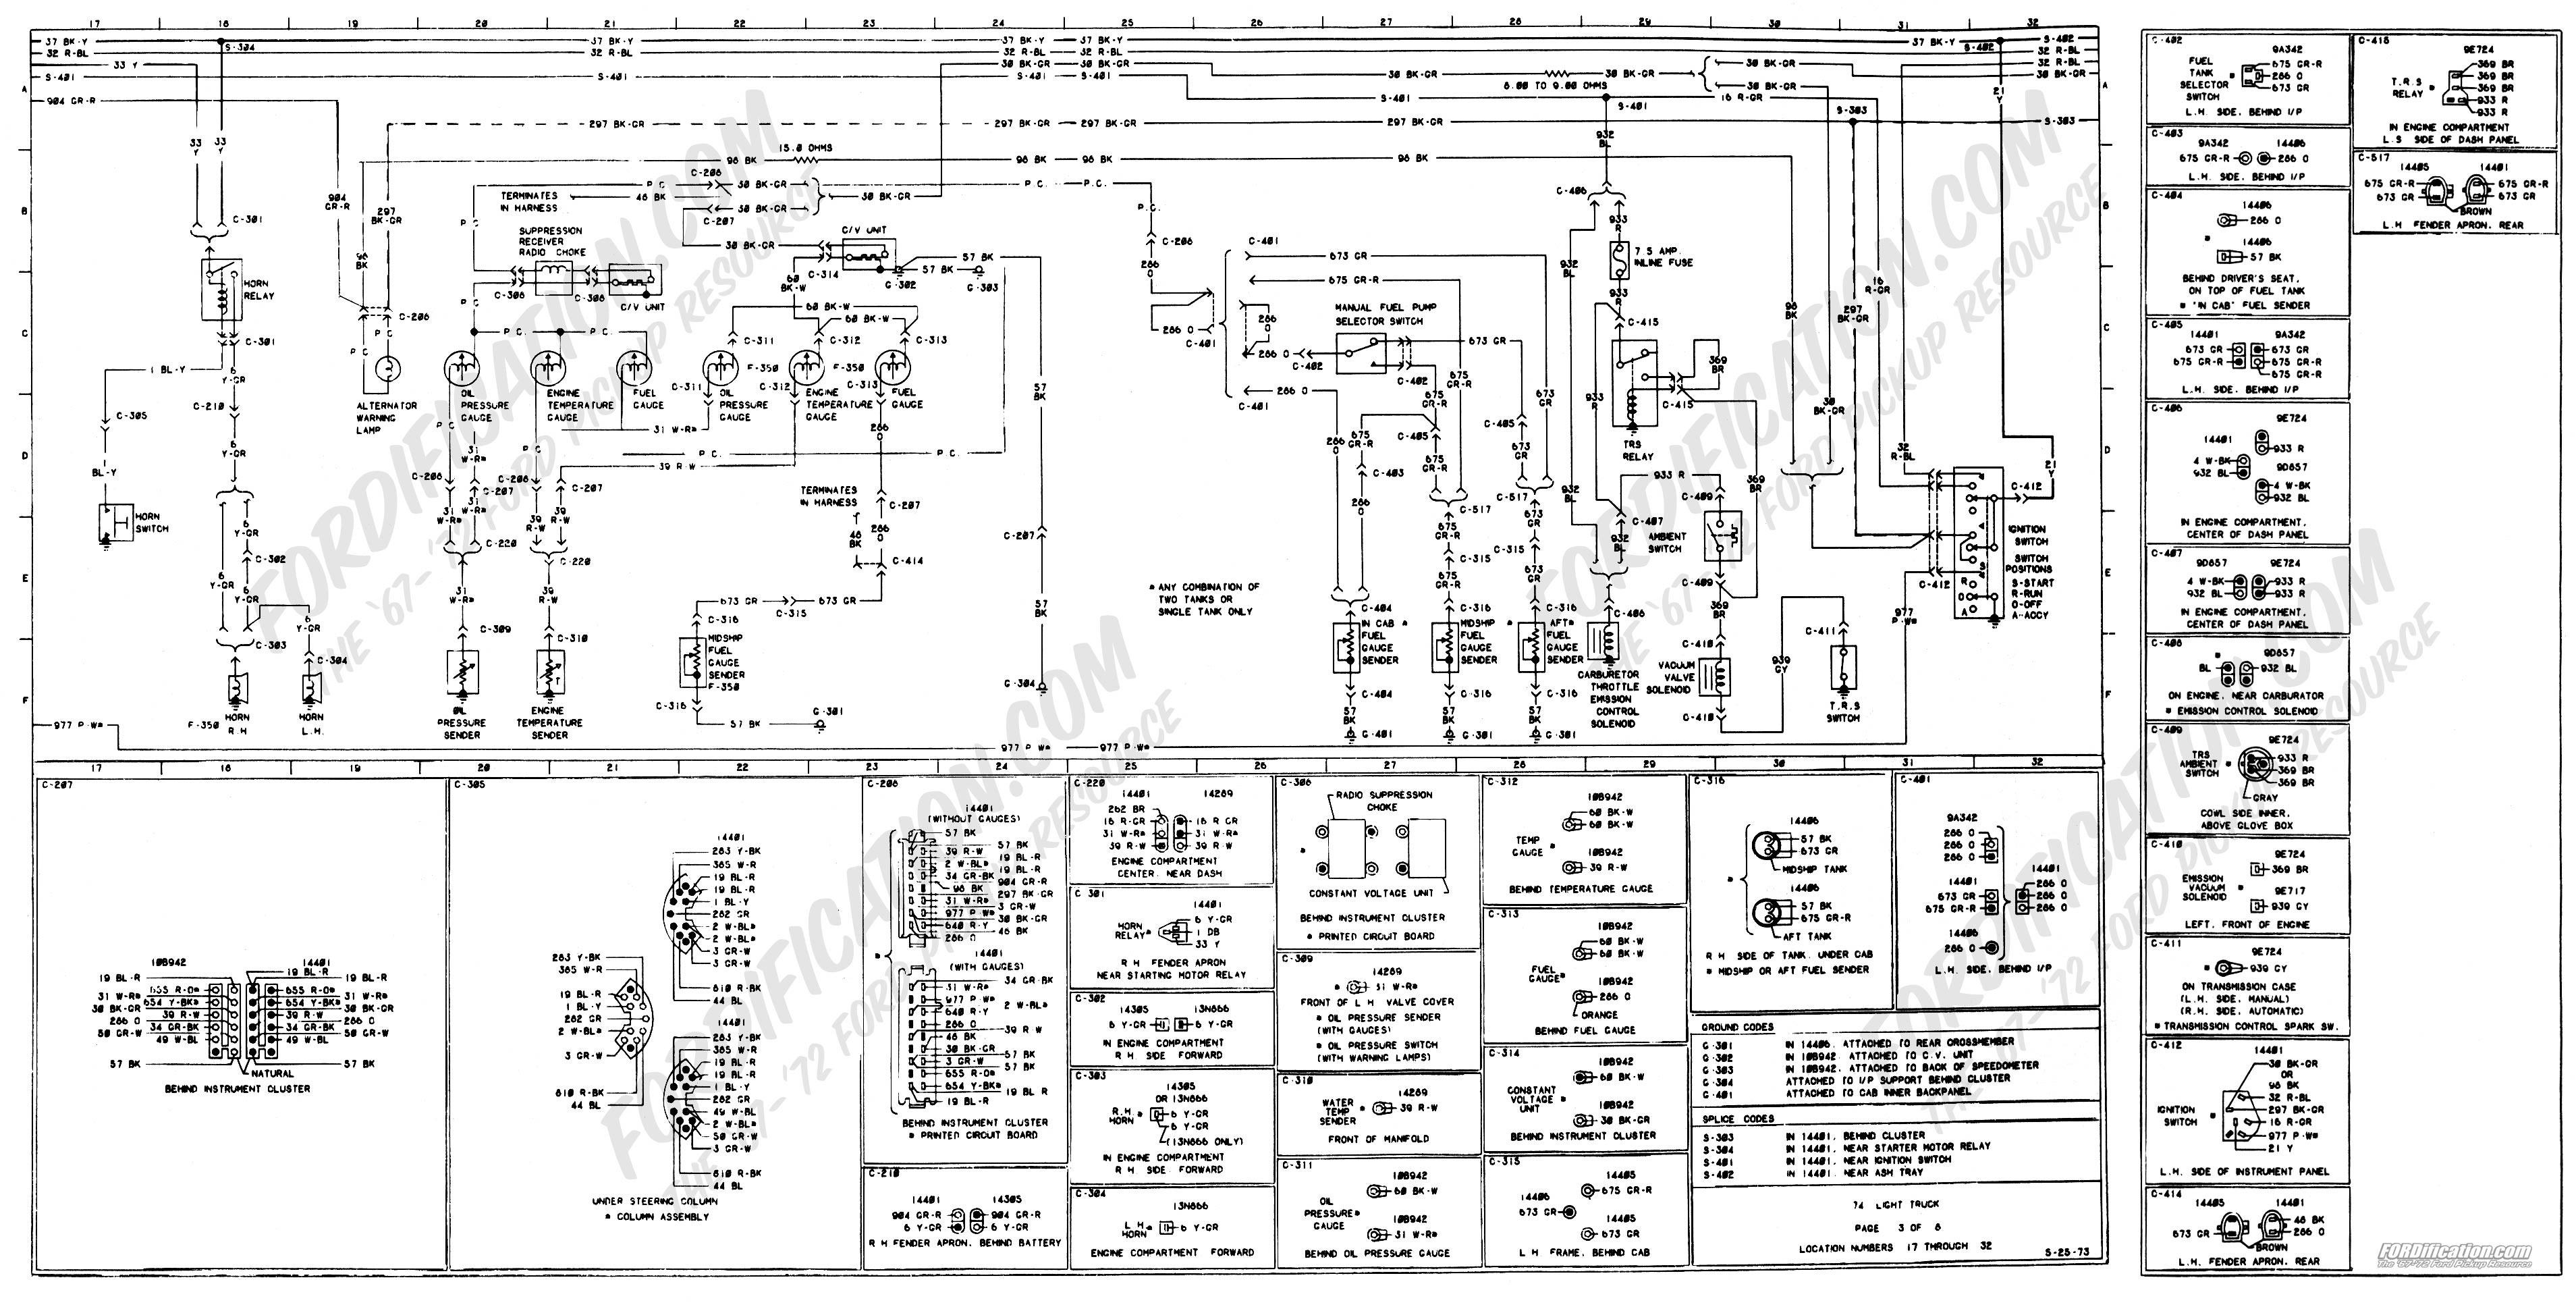 2004 ford F150 4 6 Engine Diagram 1973 ford F250 Wiring Diagram Another Blog About Wiring Diagram • Of 2004 ford F150 4 6 Engine Diagram